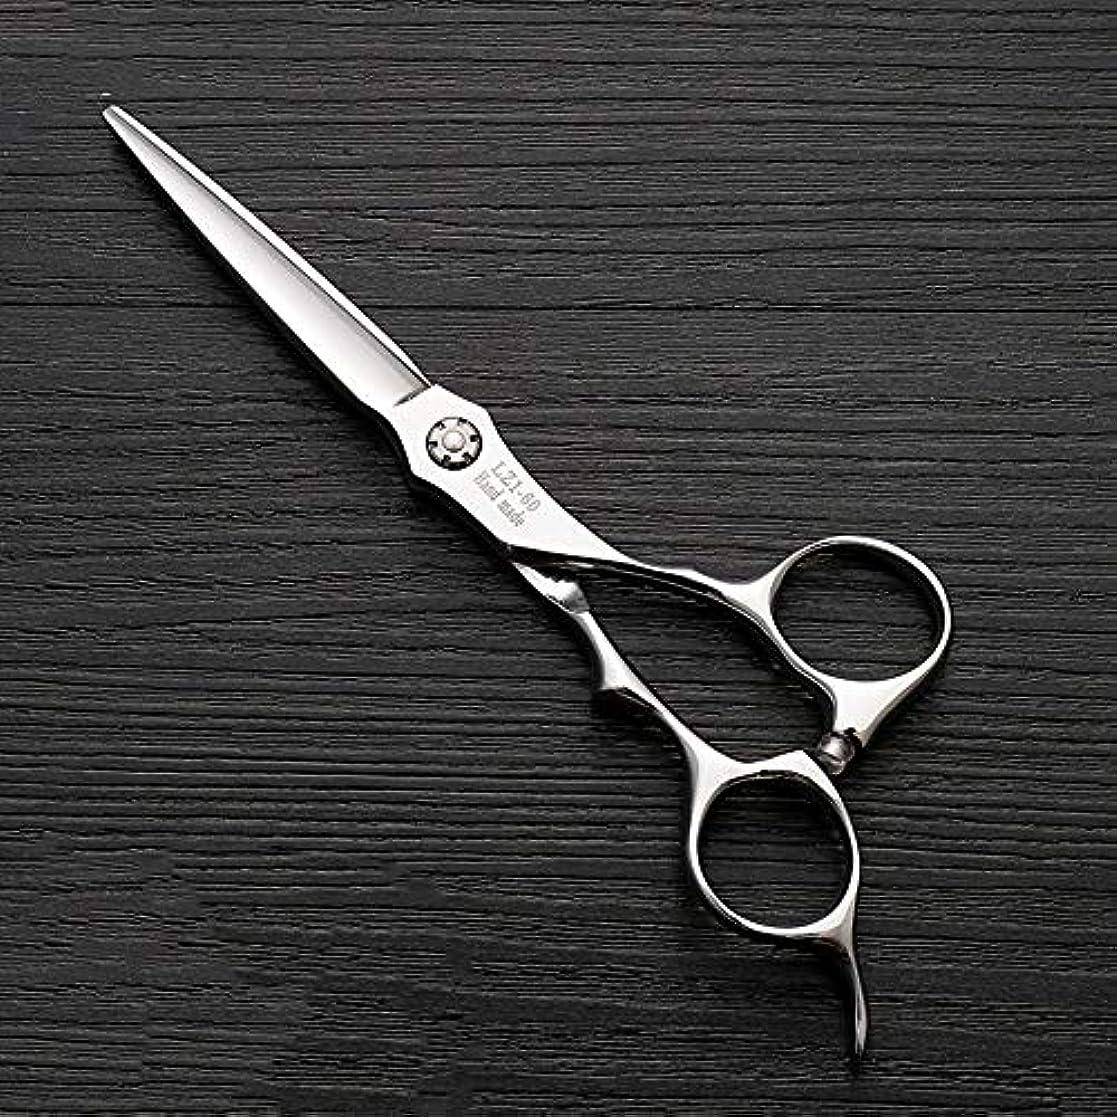 発音ナビゲーション思い出6インチハイエンド理髪師理髪用はさみ ヘアケア (色 : Silver)